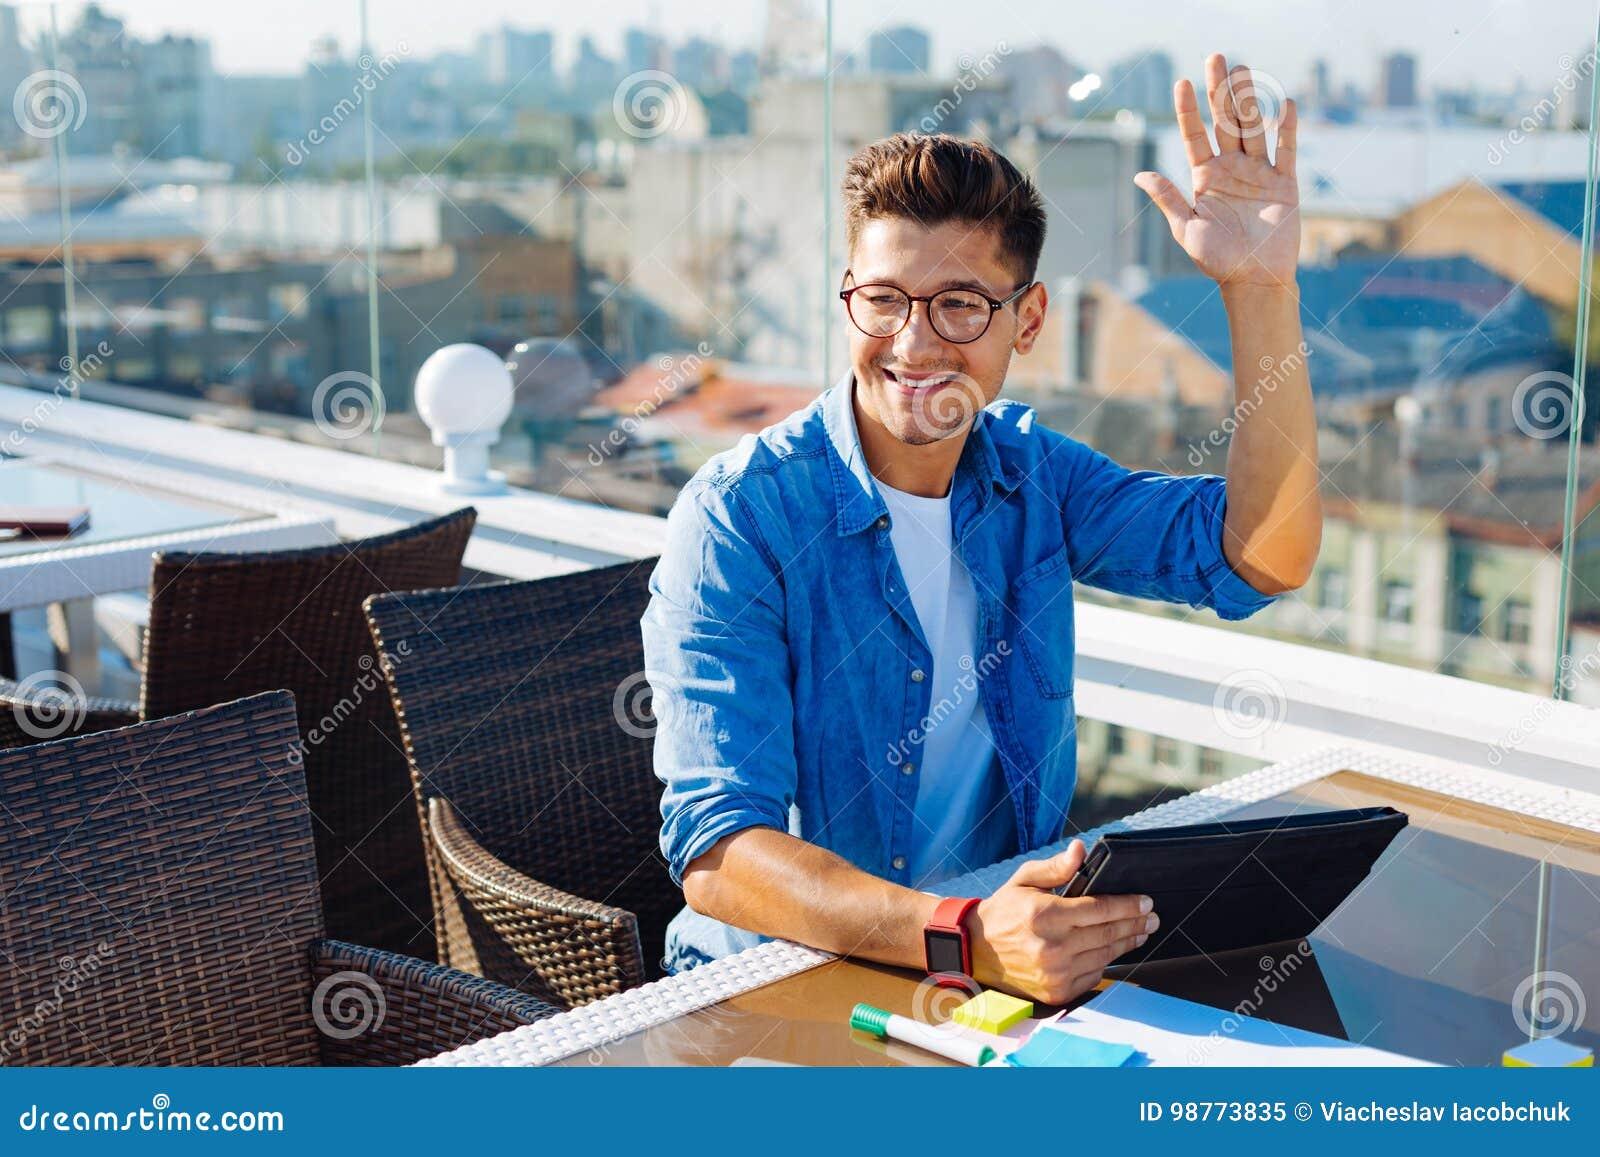 Hand job terra.es pic 35